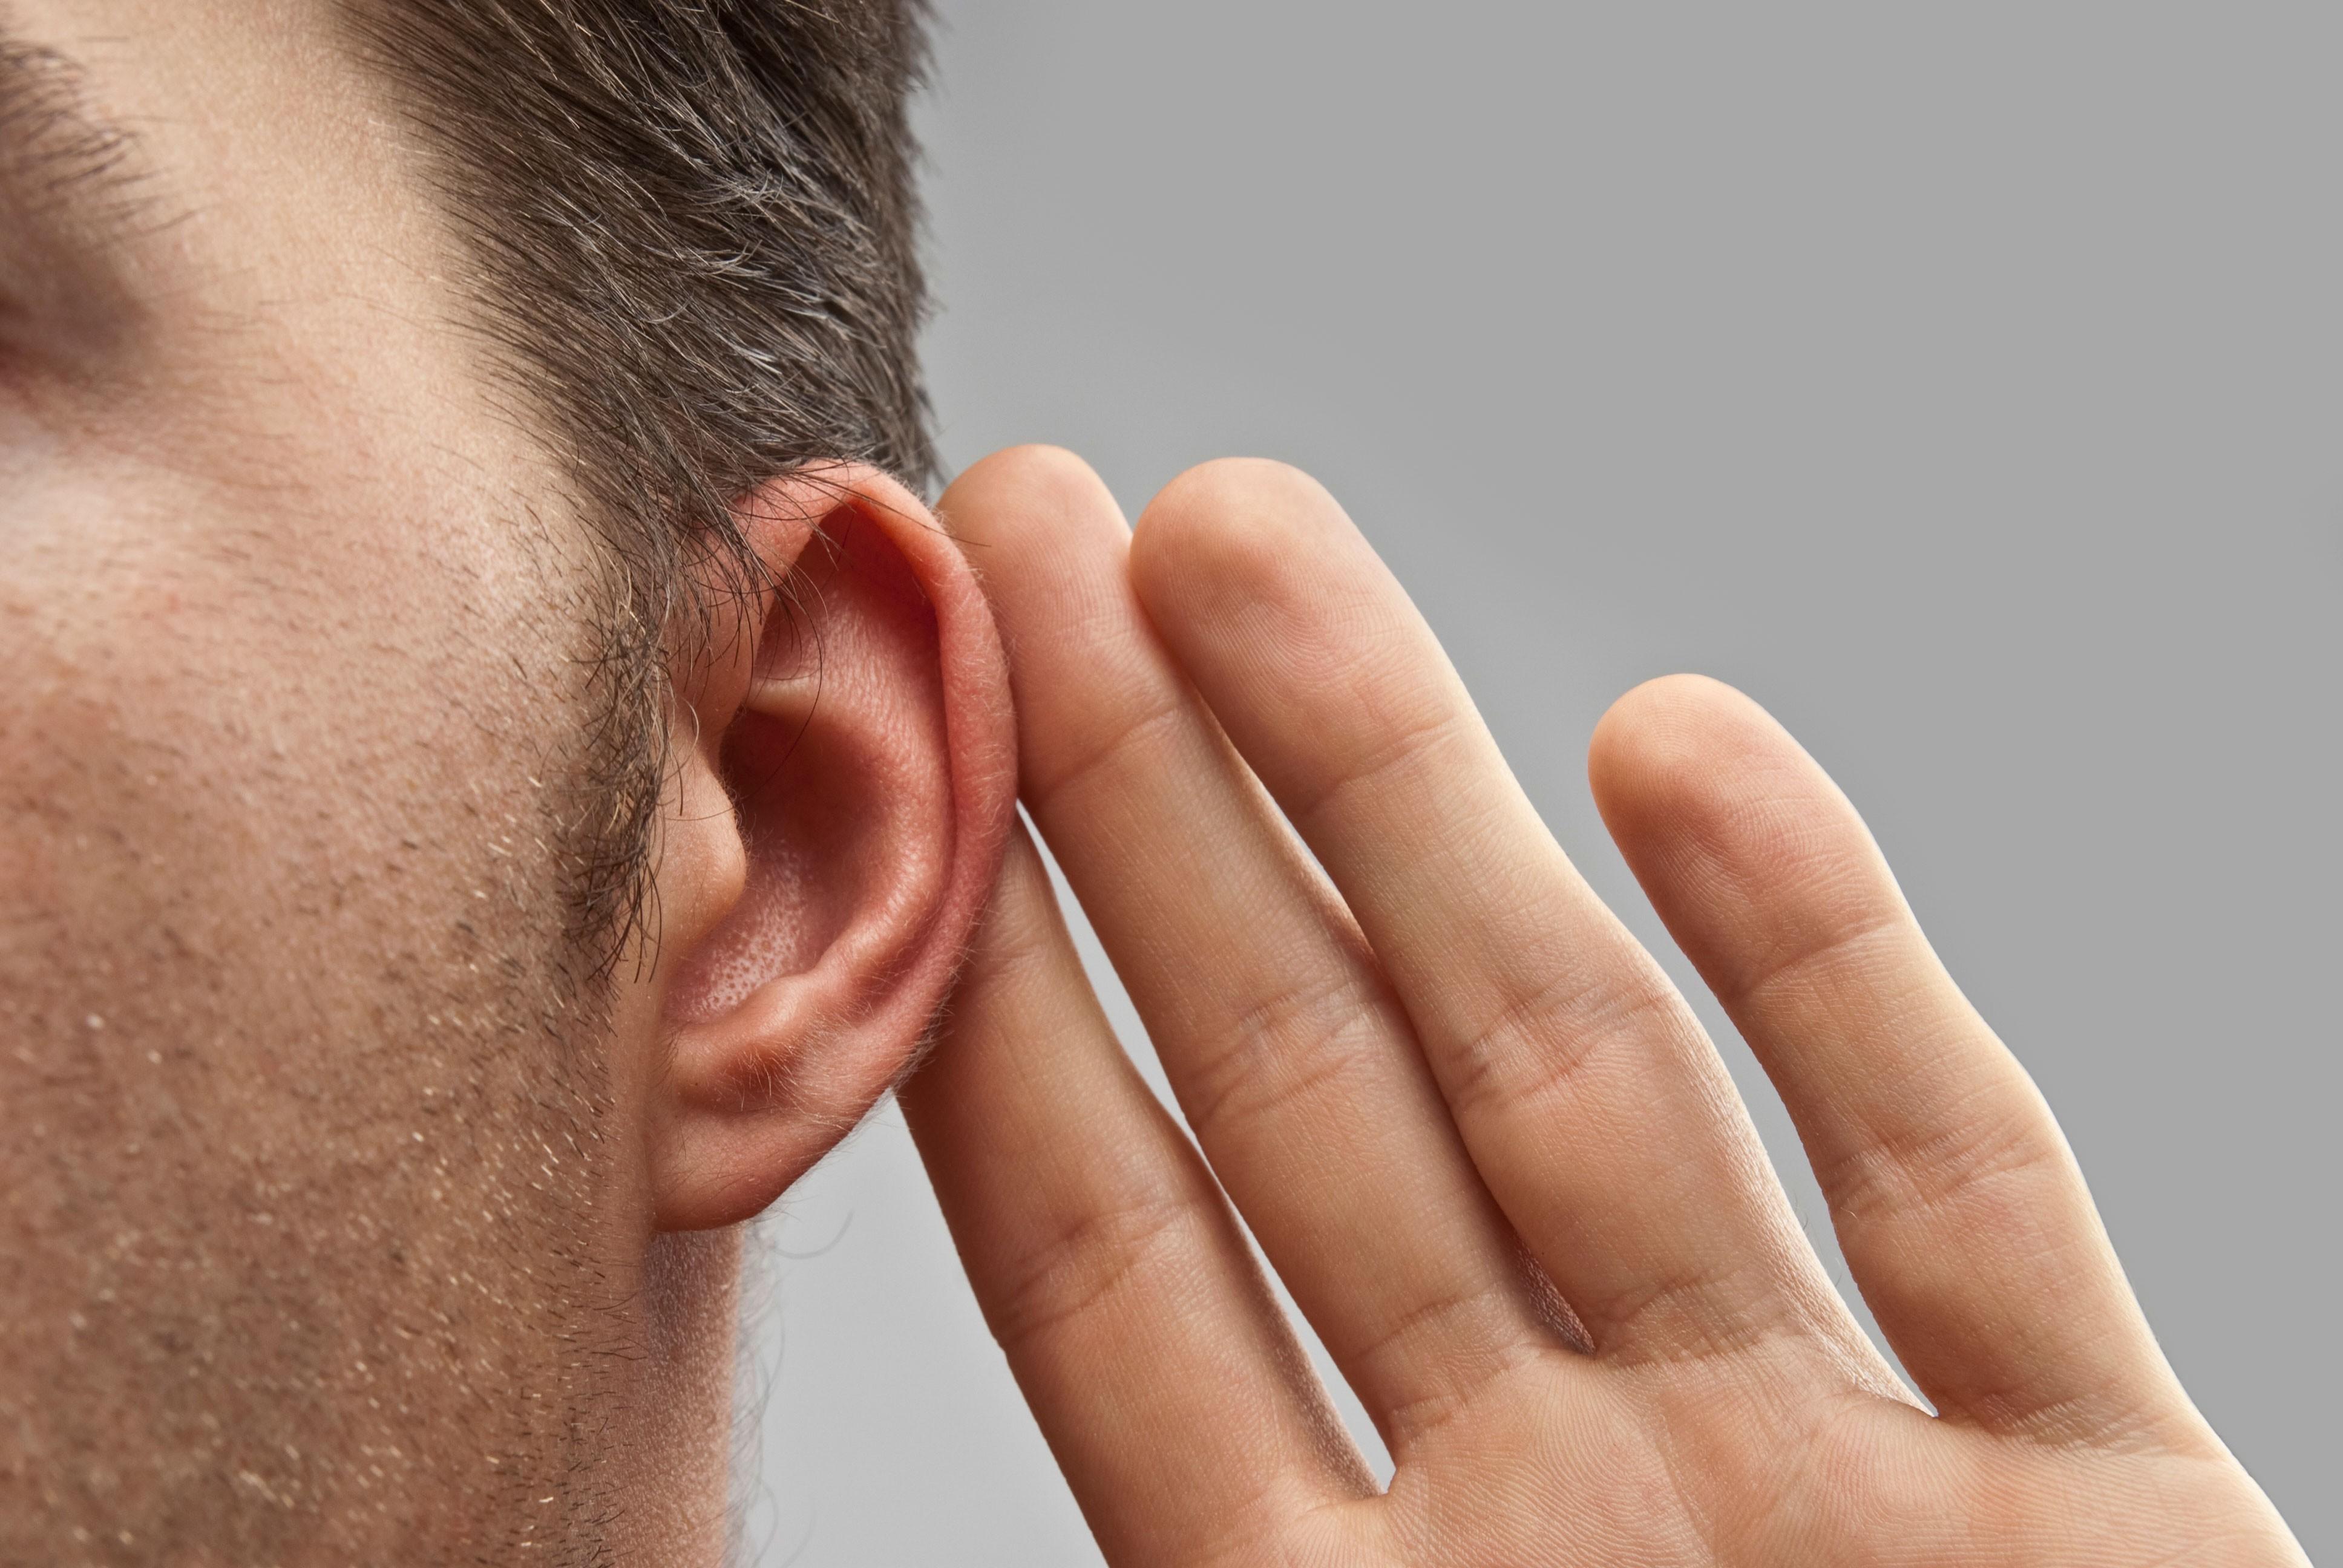 Desentupir o Ouvido de Forma Rapida